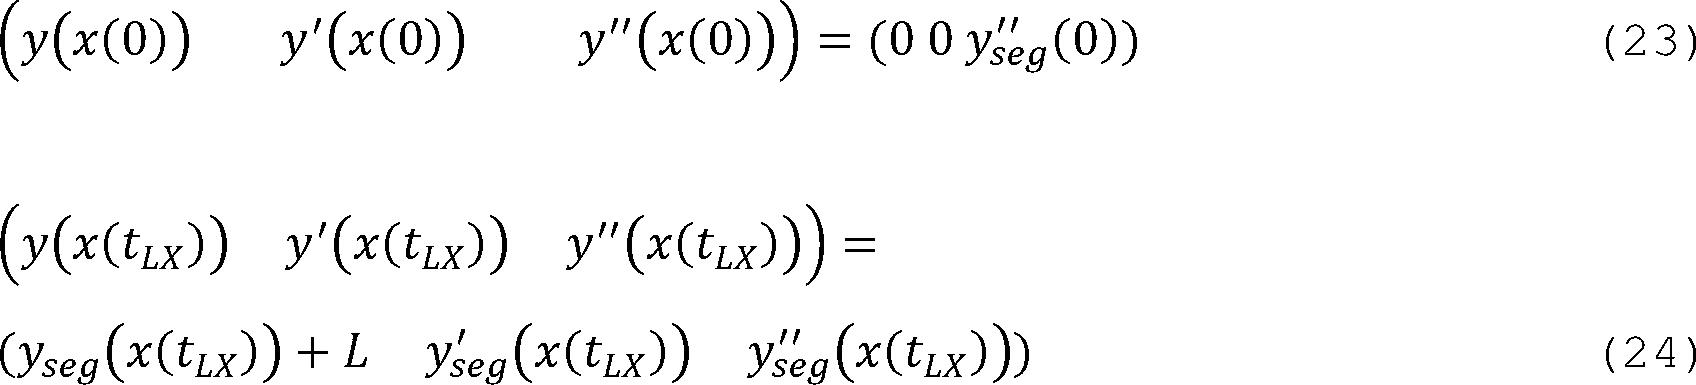 Figure DE102015114464A9_0010